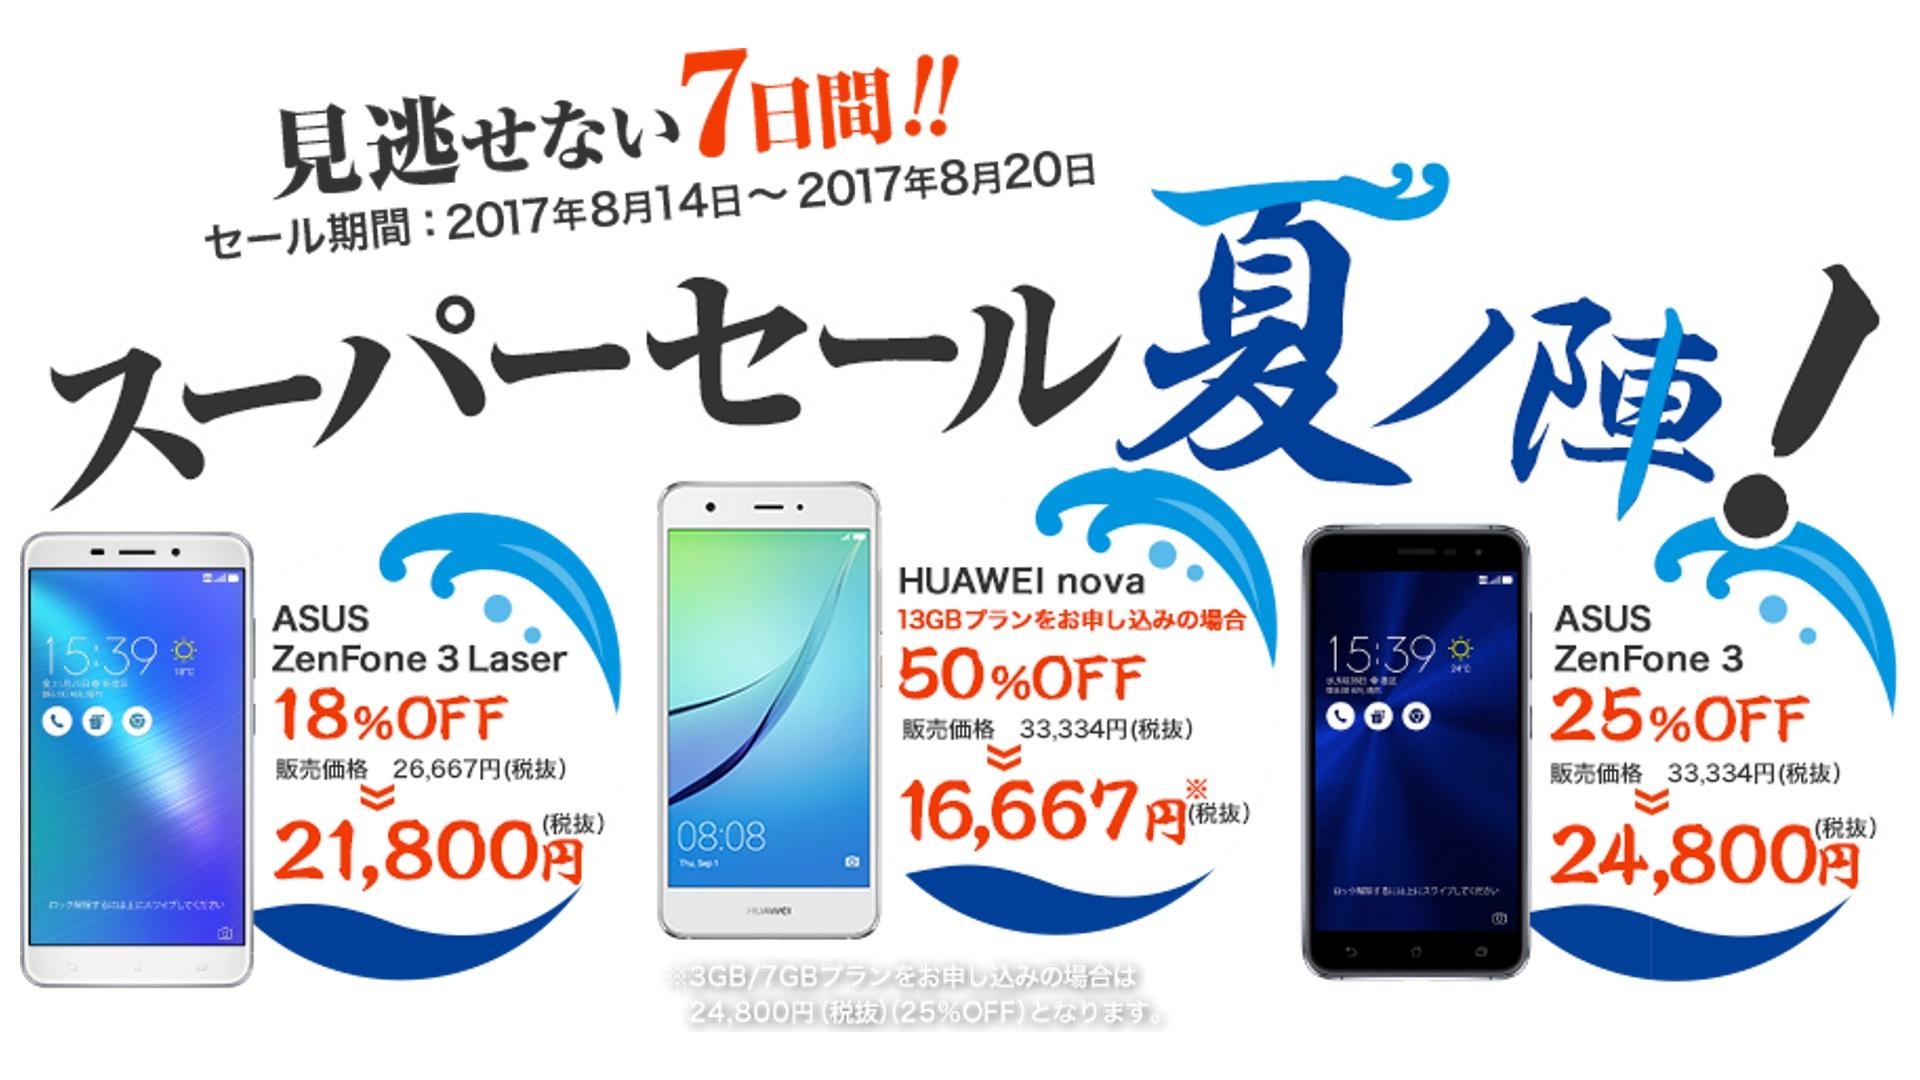 条件次第で「Huawei nova」が50%引き!「NifMoスーパーセール夏ノ陣」開催、8月20日まで